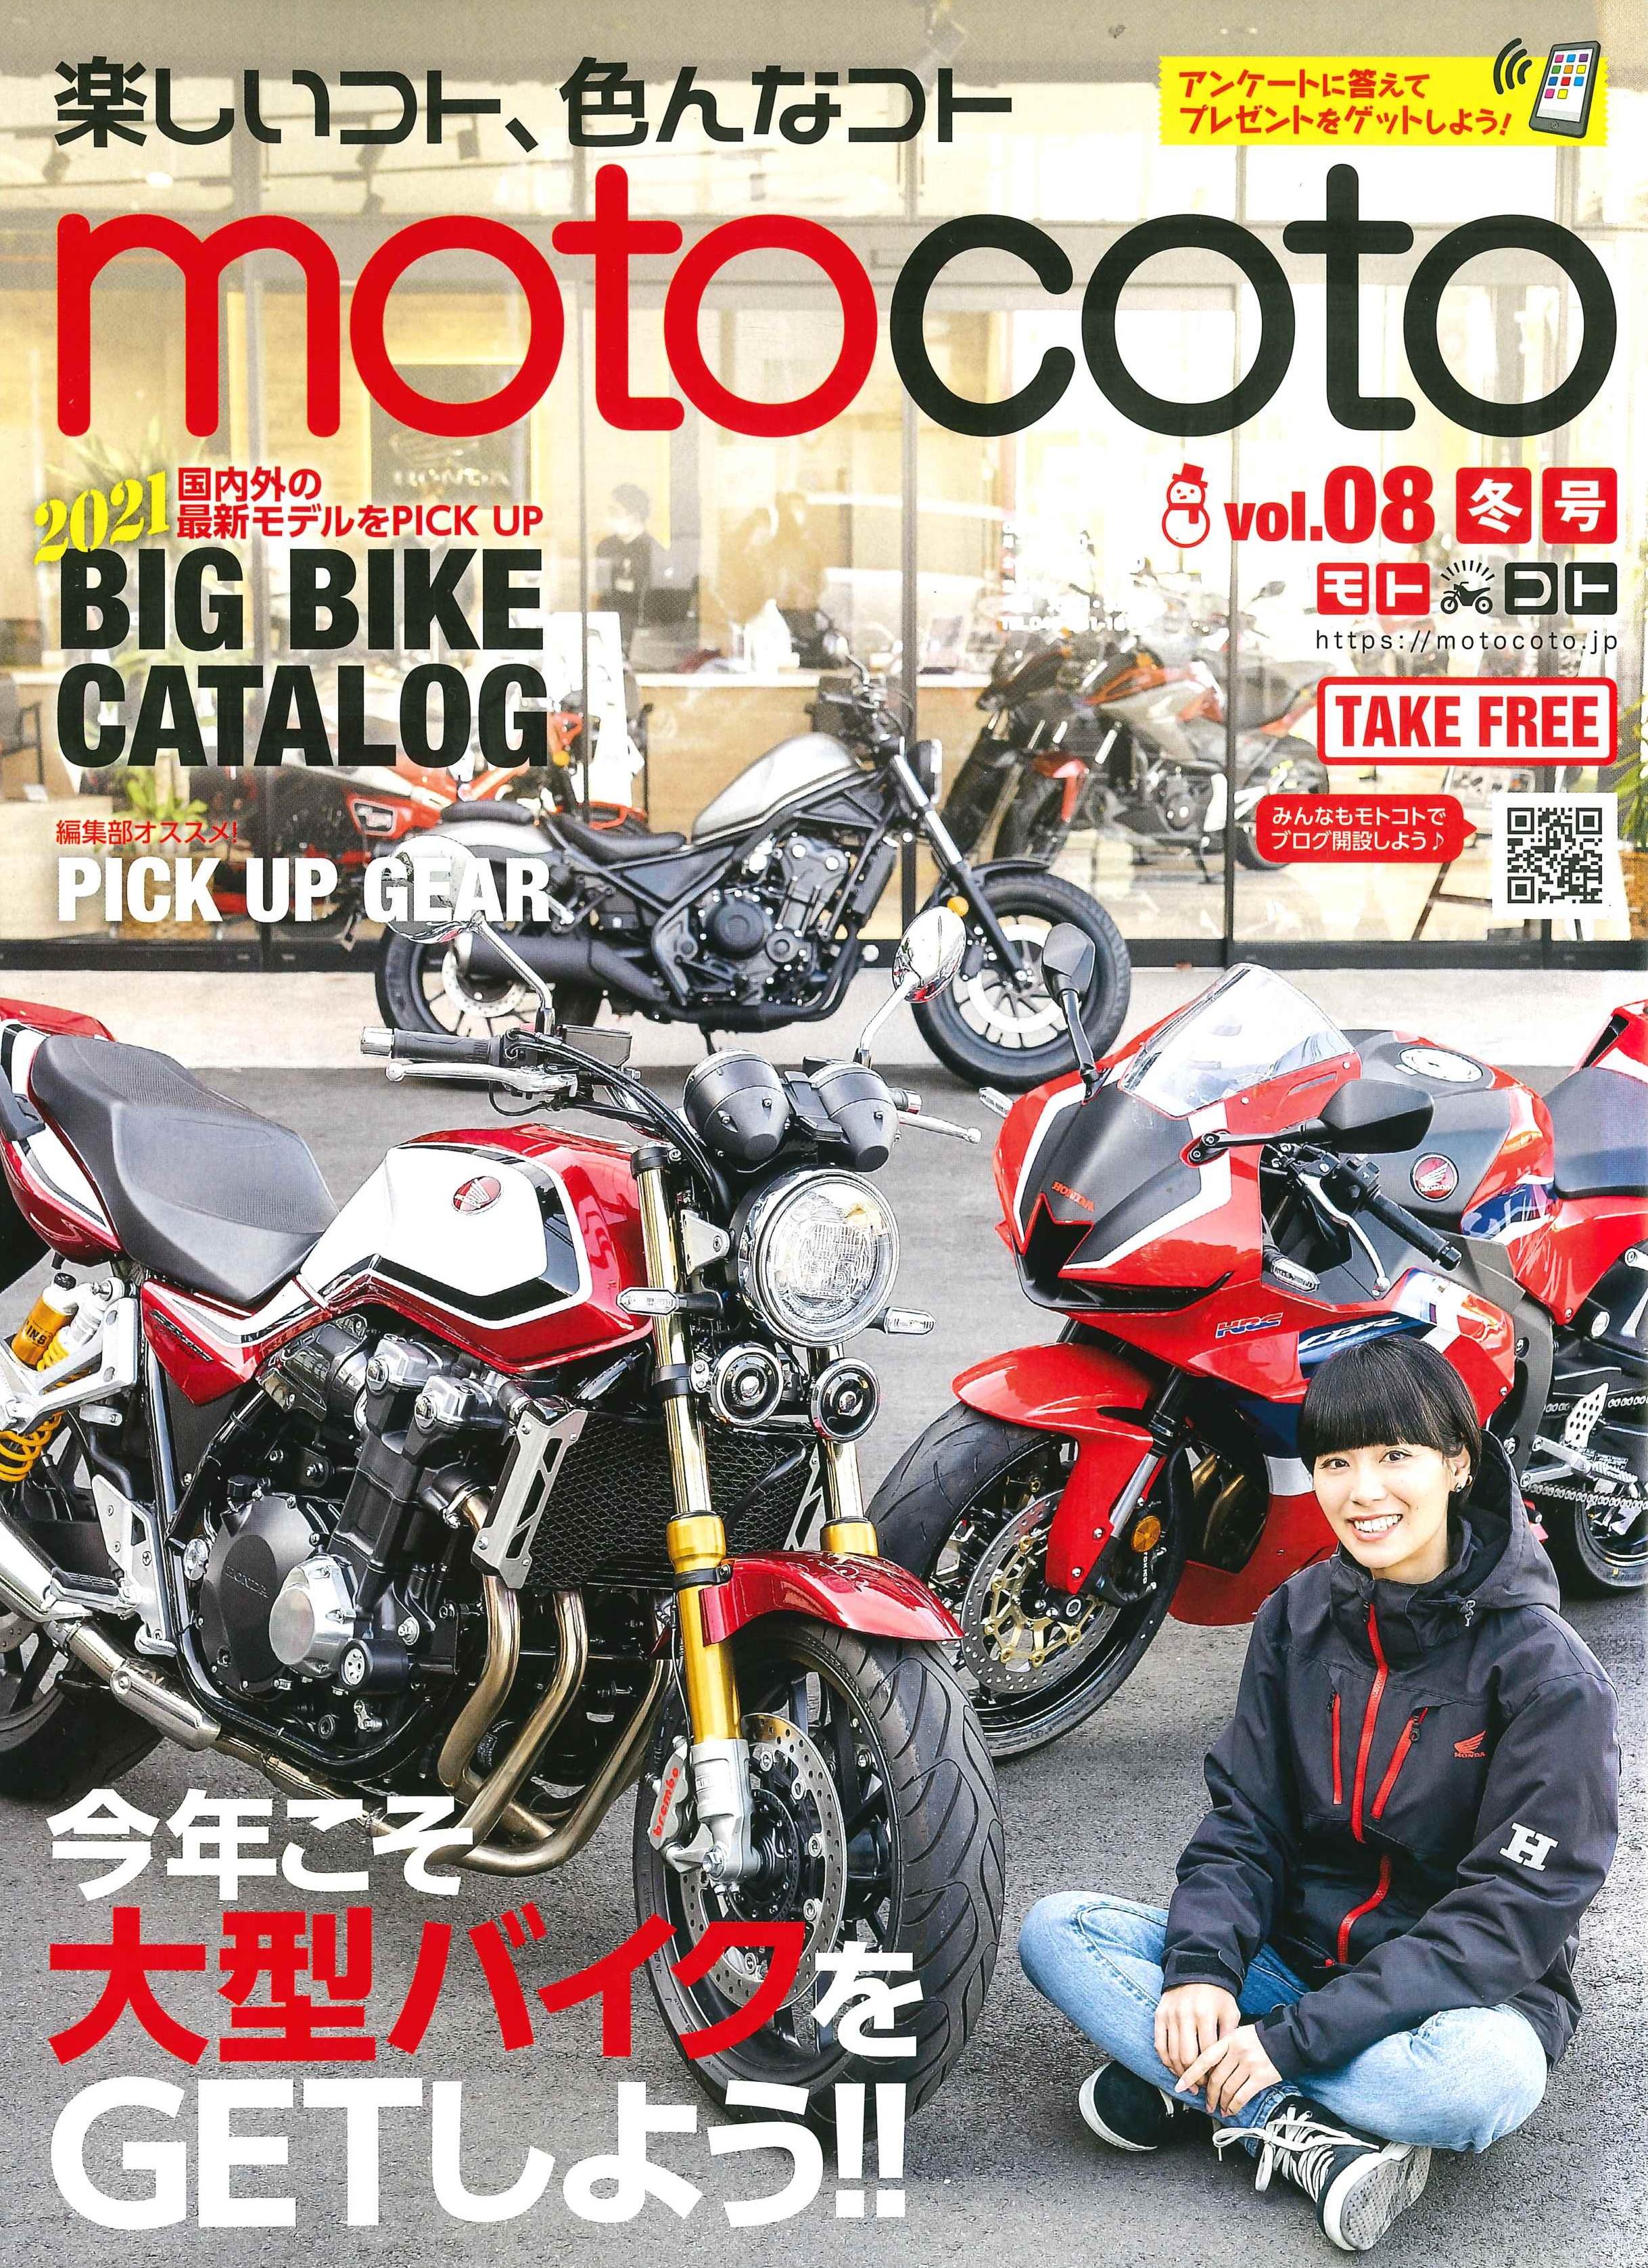 【motocoto vol.8掲載】B+COM U MOBILE APP